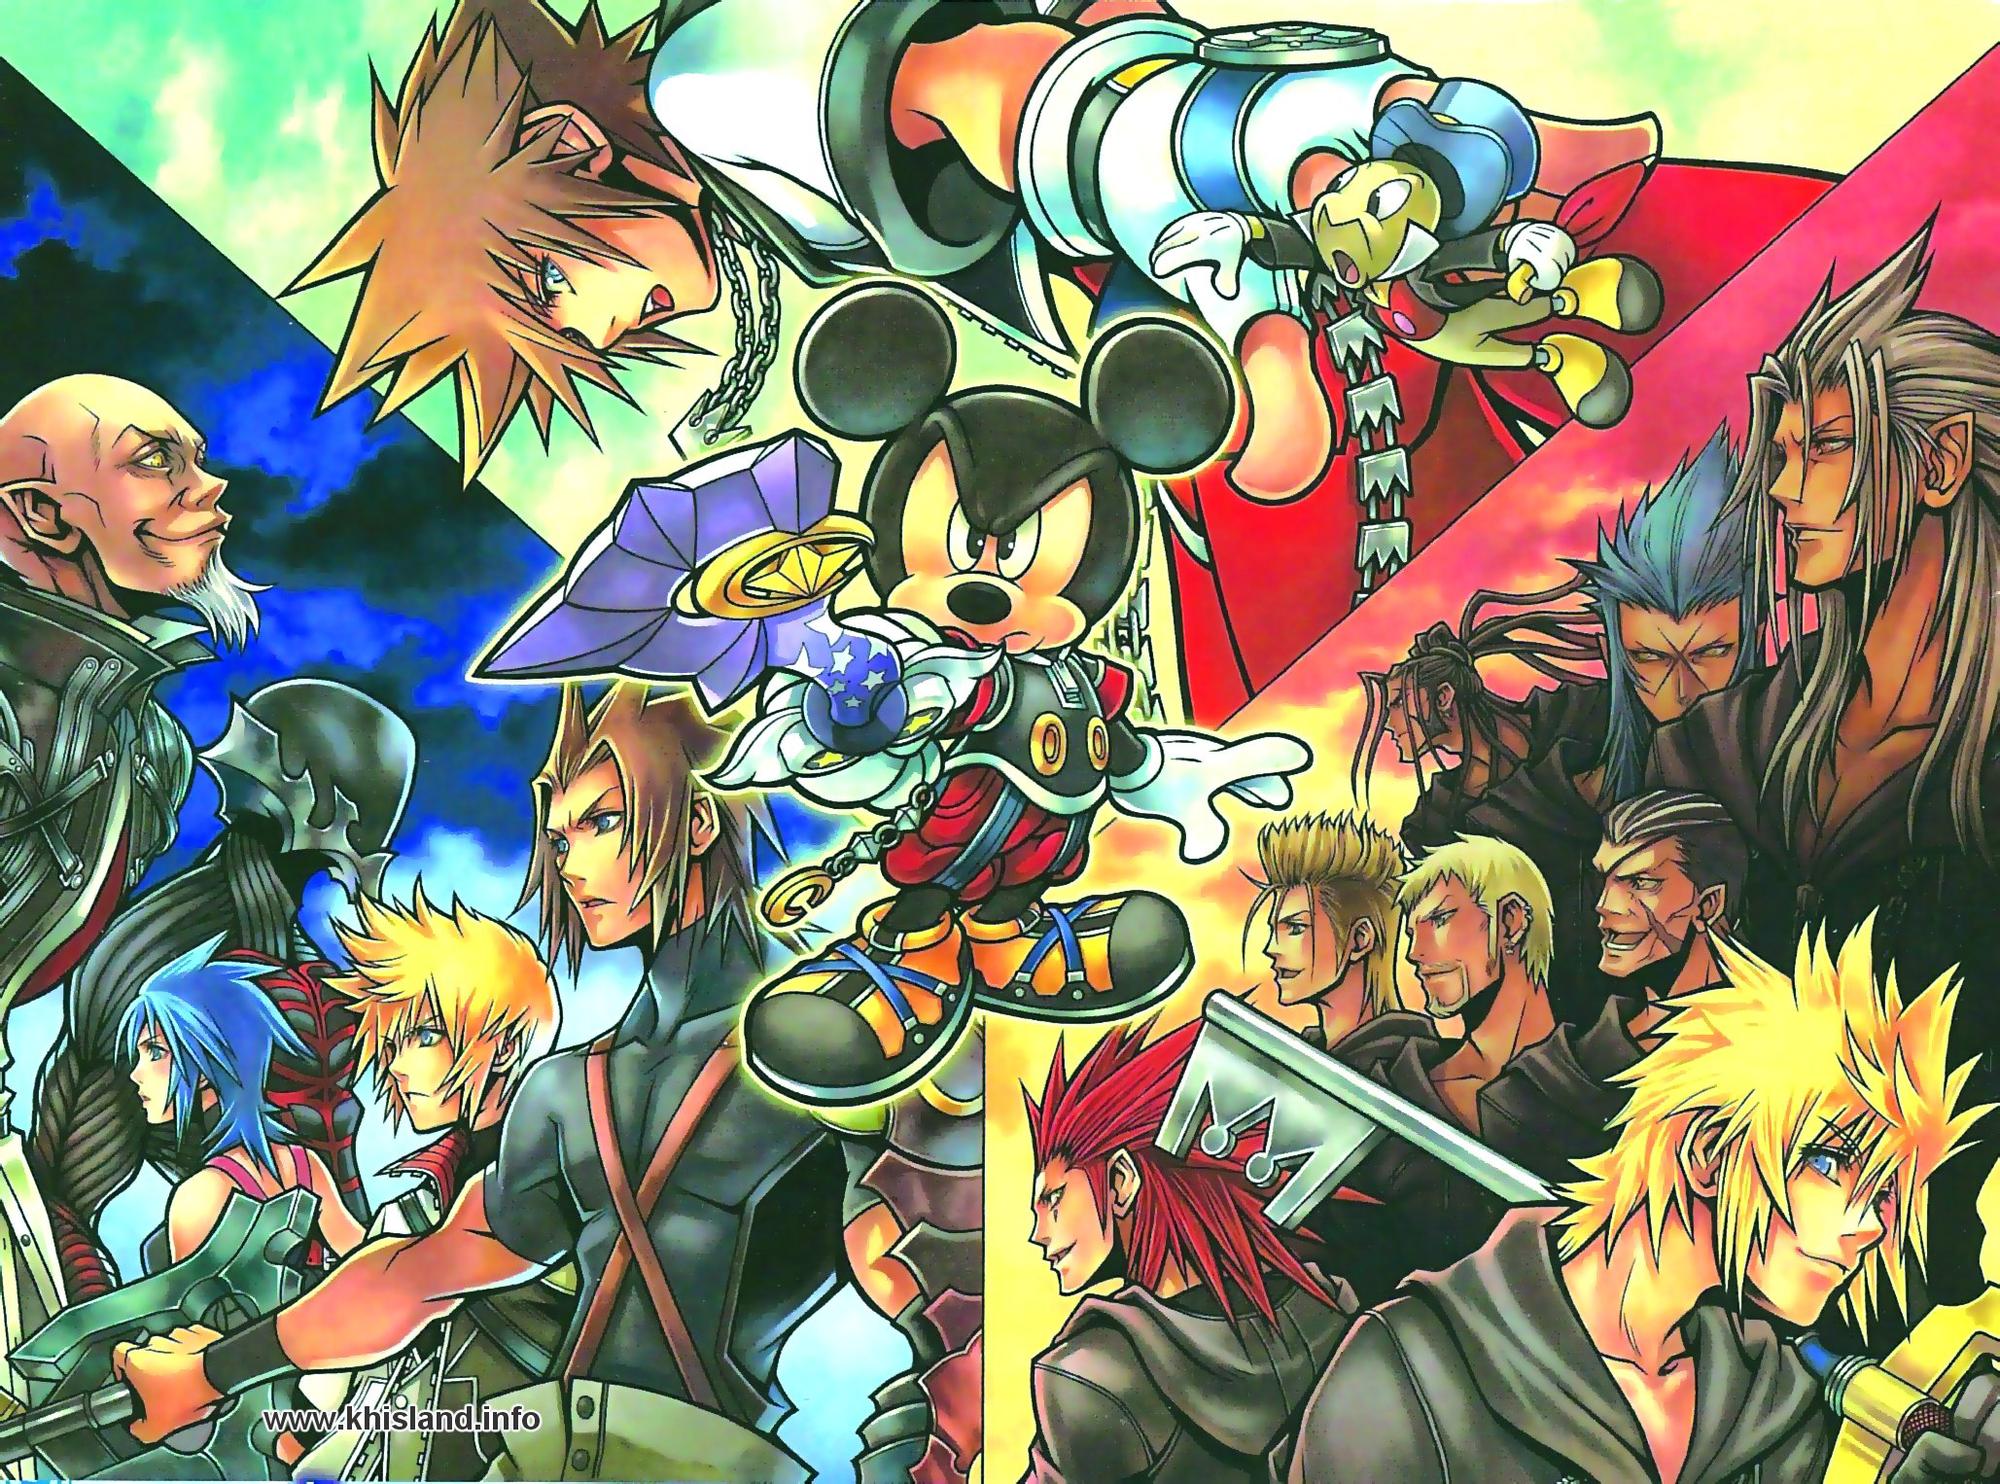 Image Result For Kingdom Heart Artwork Kingdom Hearts Art Kingdom Hearts Kingdom Hearts 1